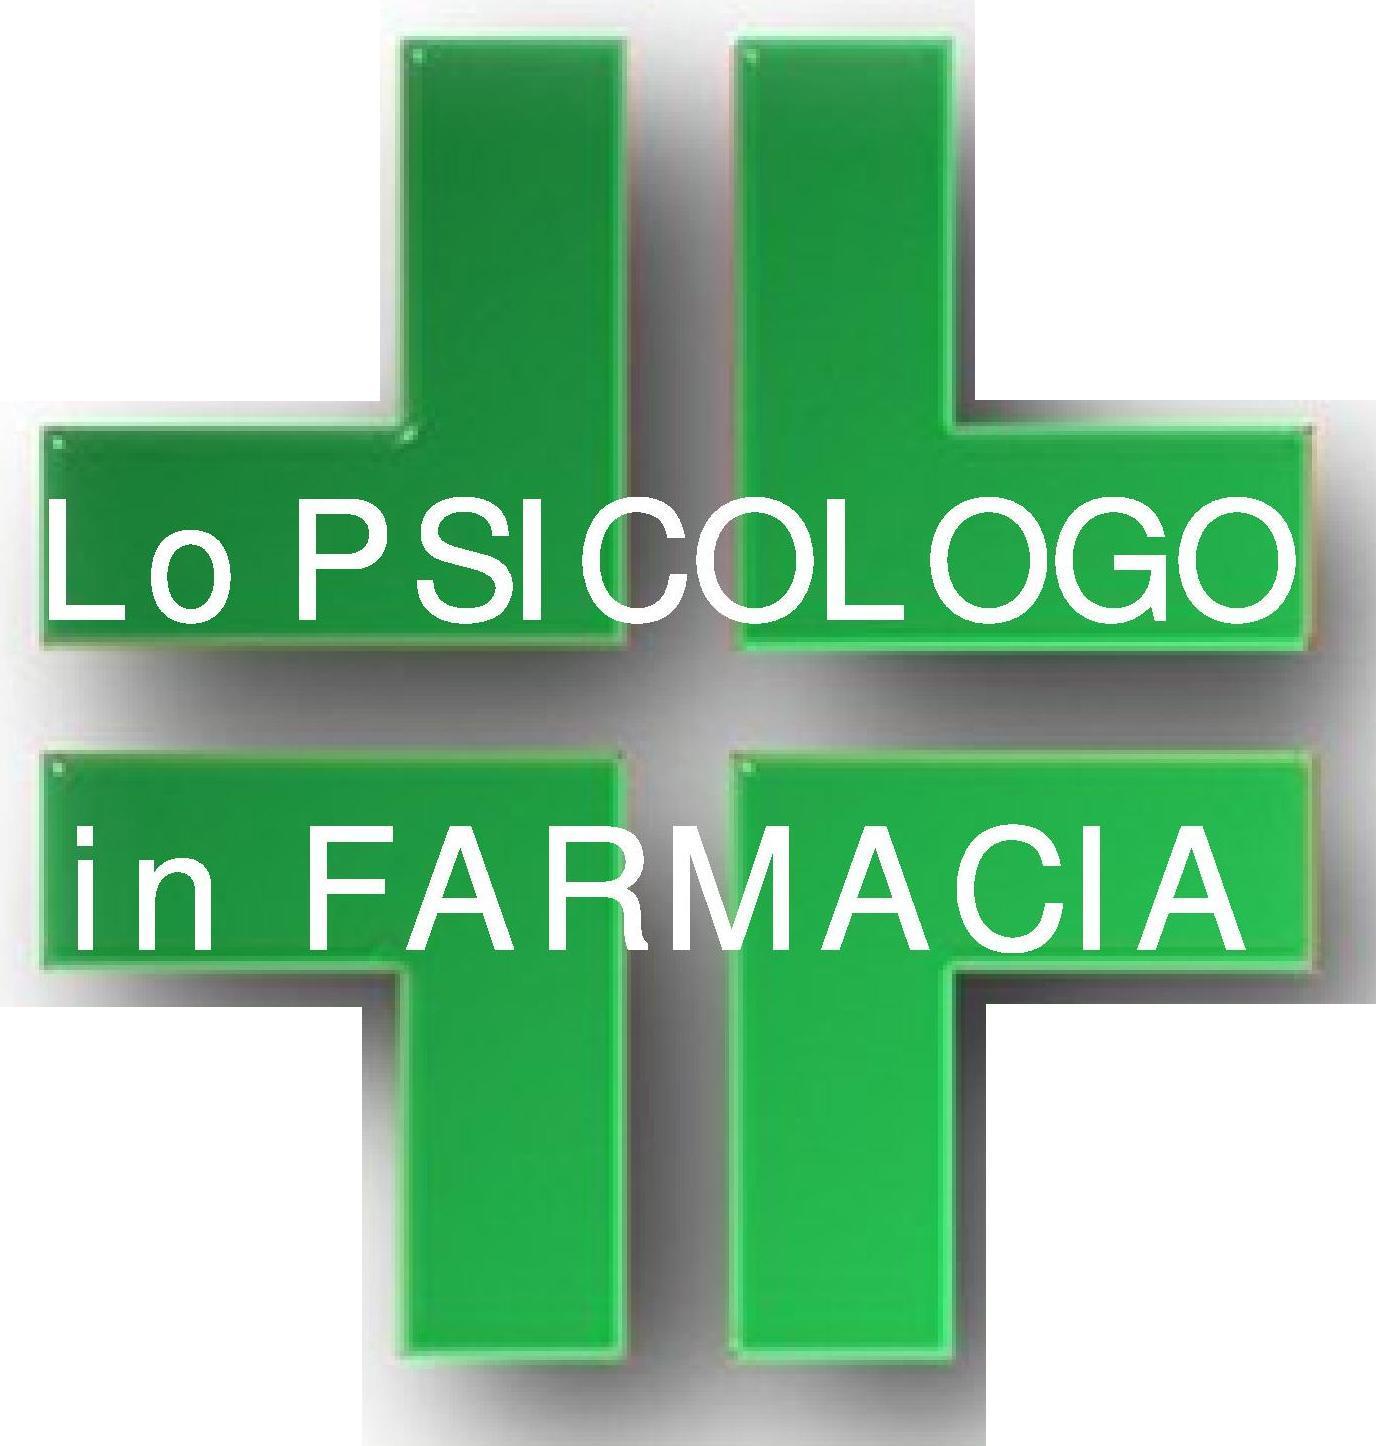 Psicologo in farmacia: 65 gli astigiani che hanno usufruito del servizio